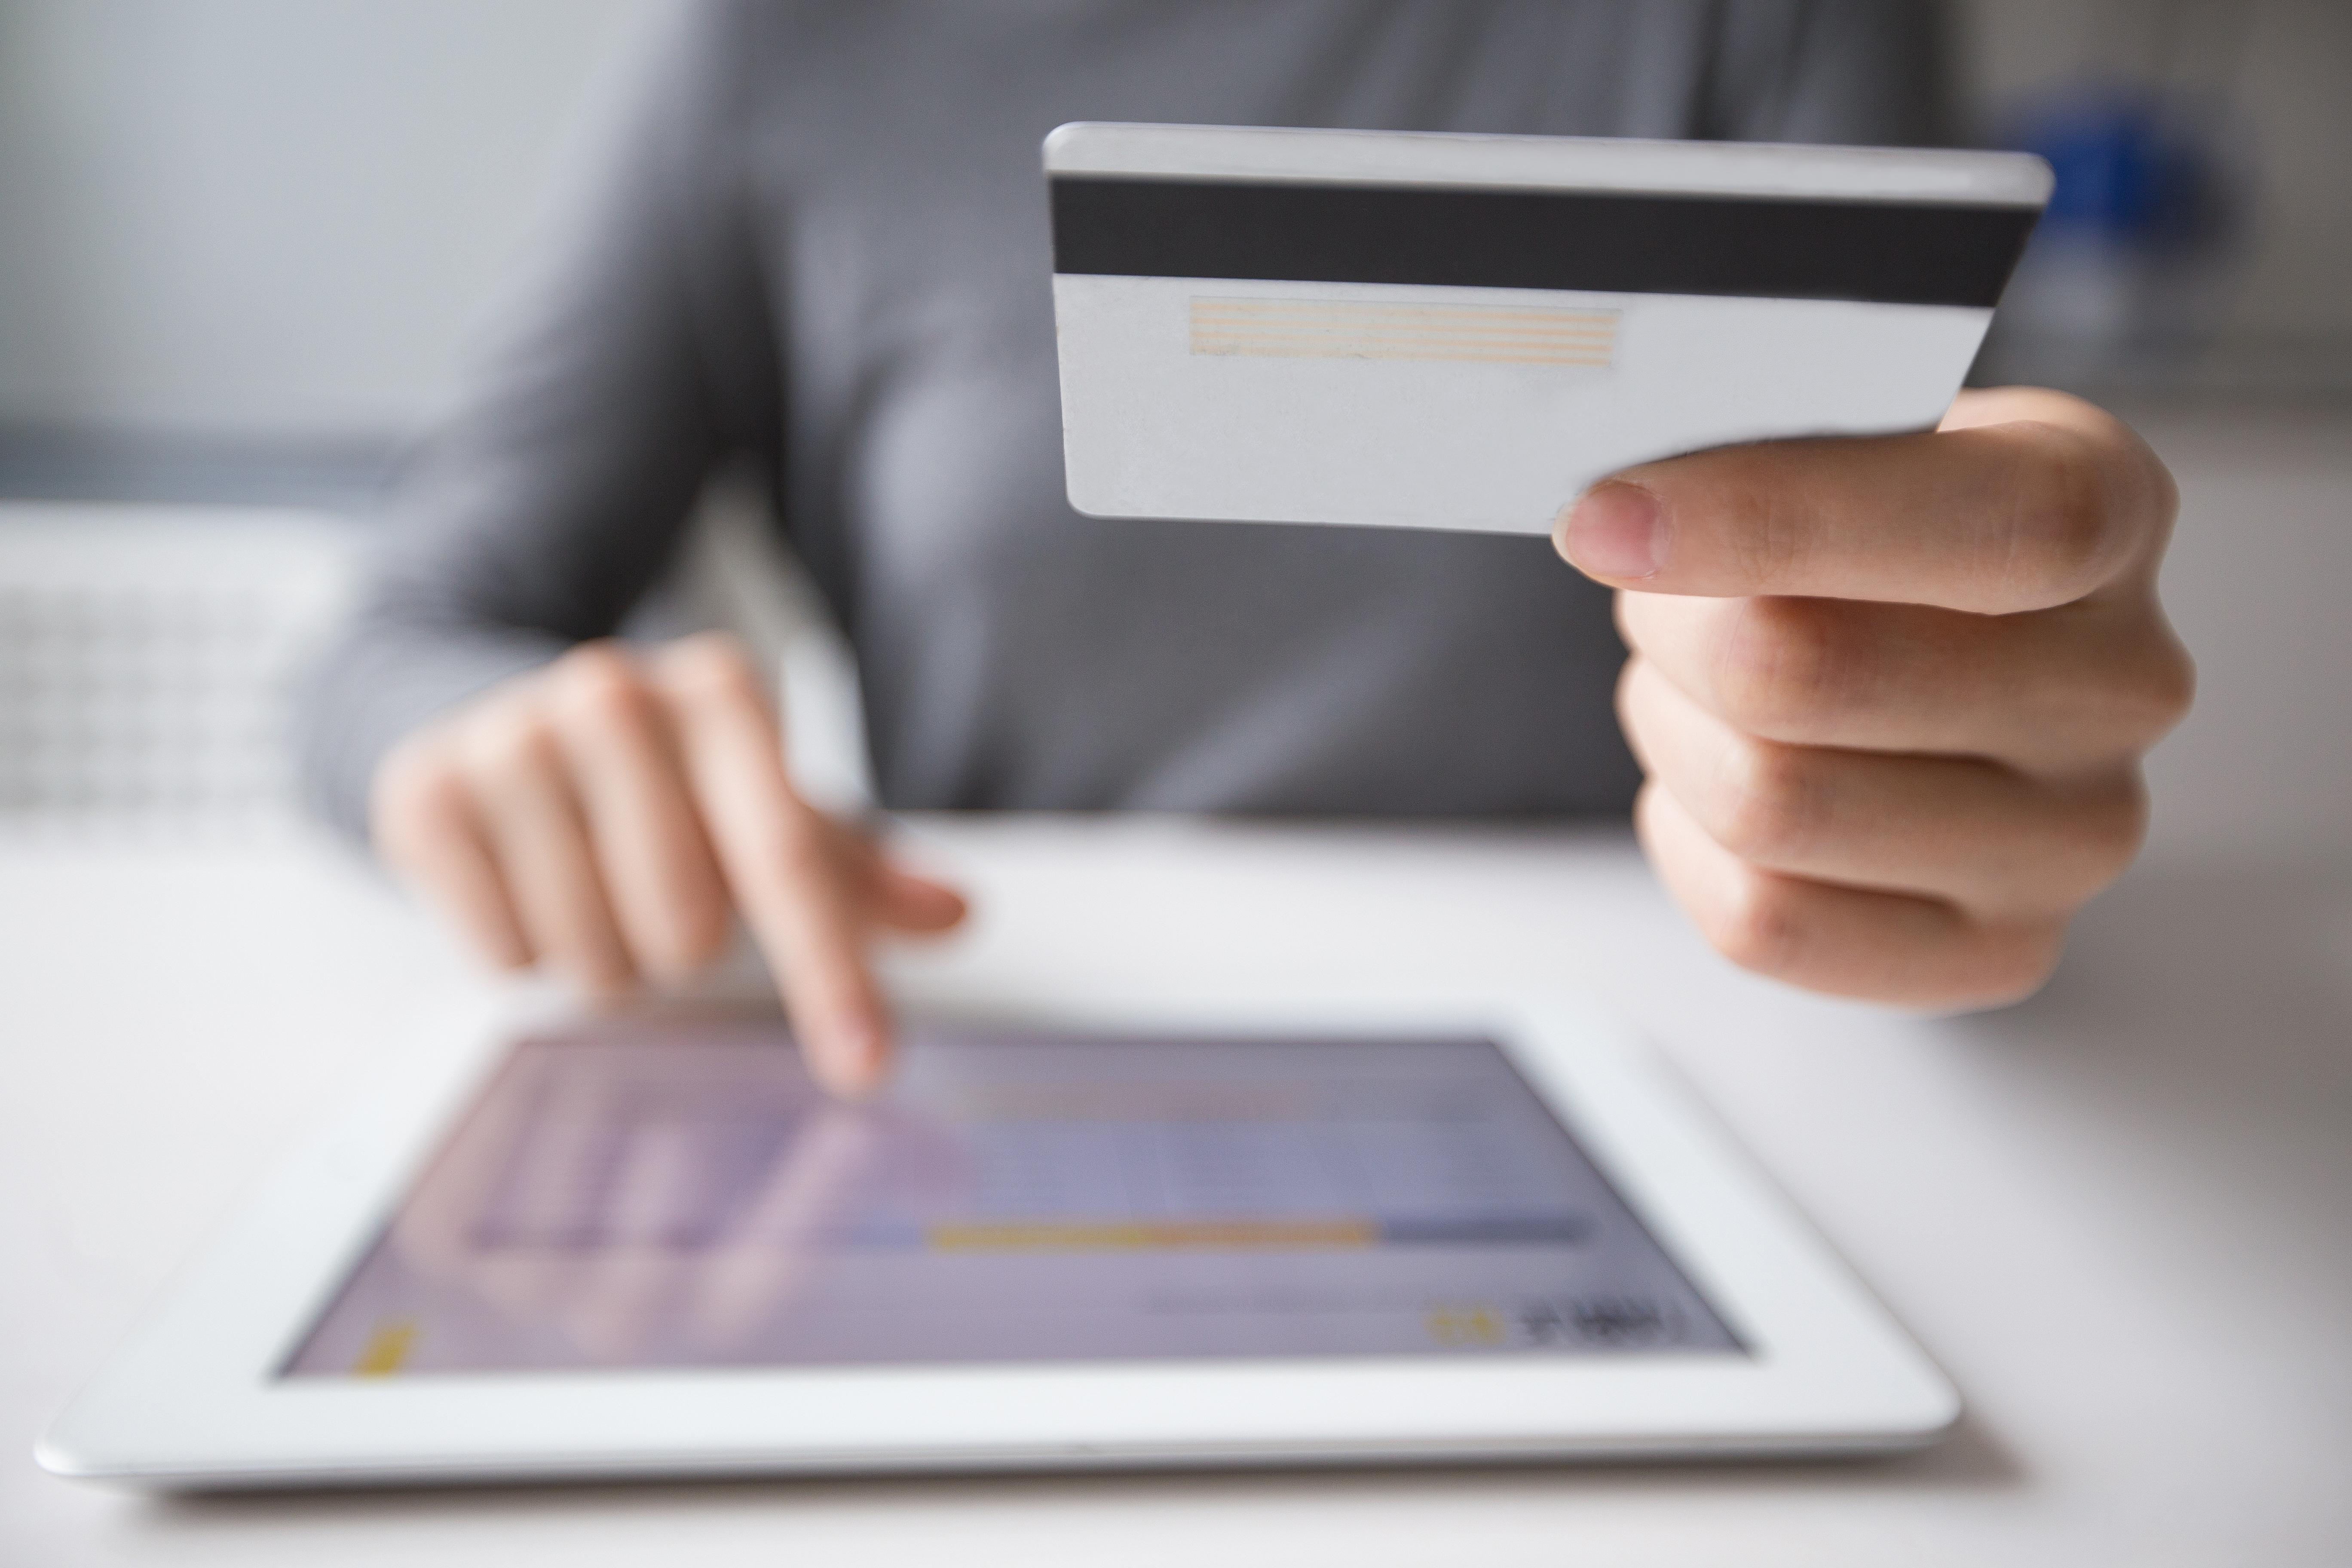 Kasy fiskalne – obowiązek złożenia oświadczenia dotyczącego zasad prowadzenia ewidnecji przez pracowników